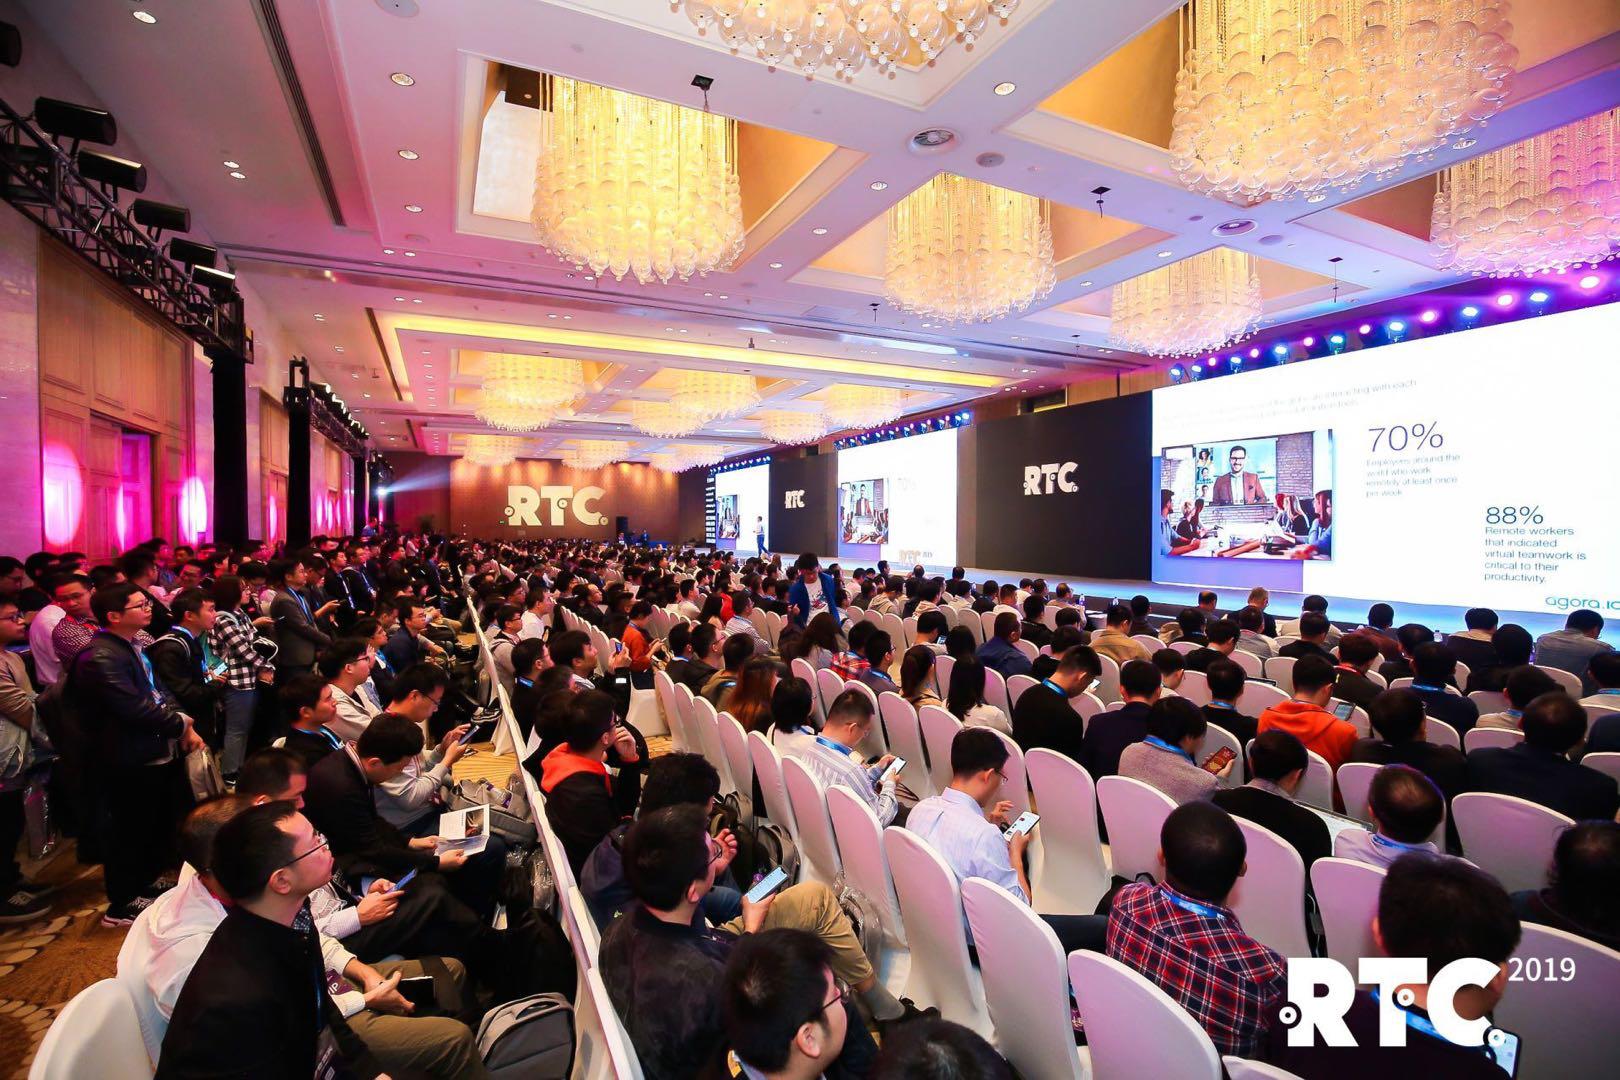 第五届实时互联网大会RTC 2019在京举办 探索RTC技术前沿趋势